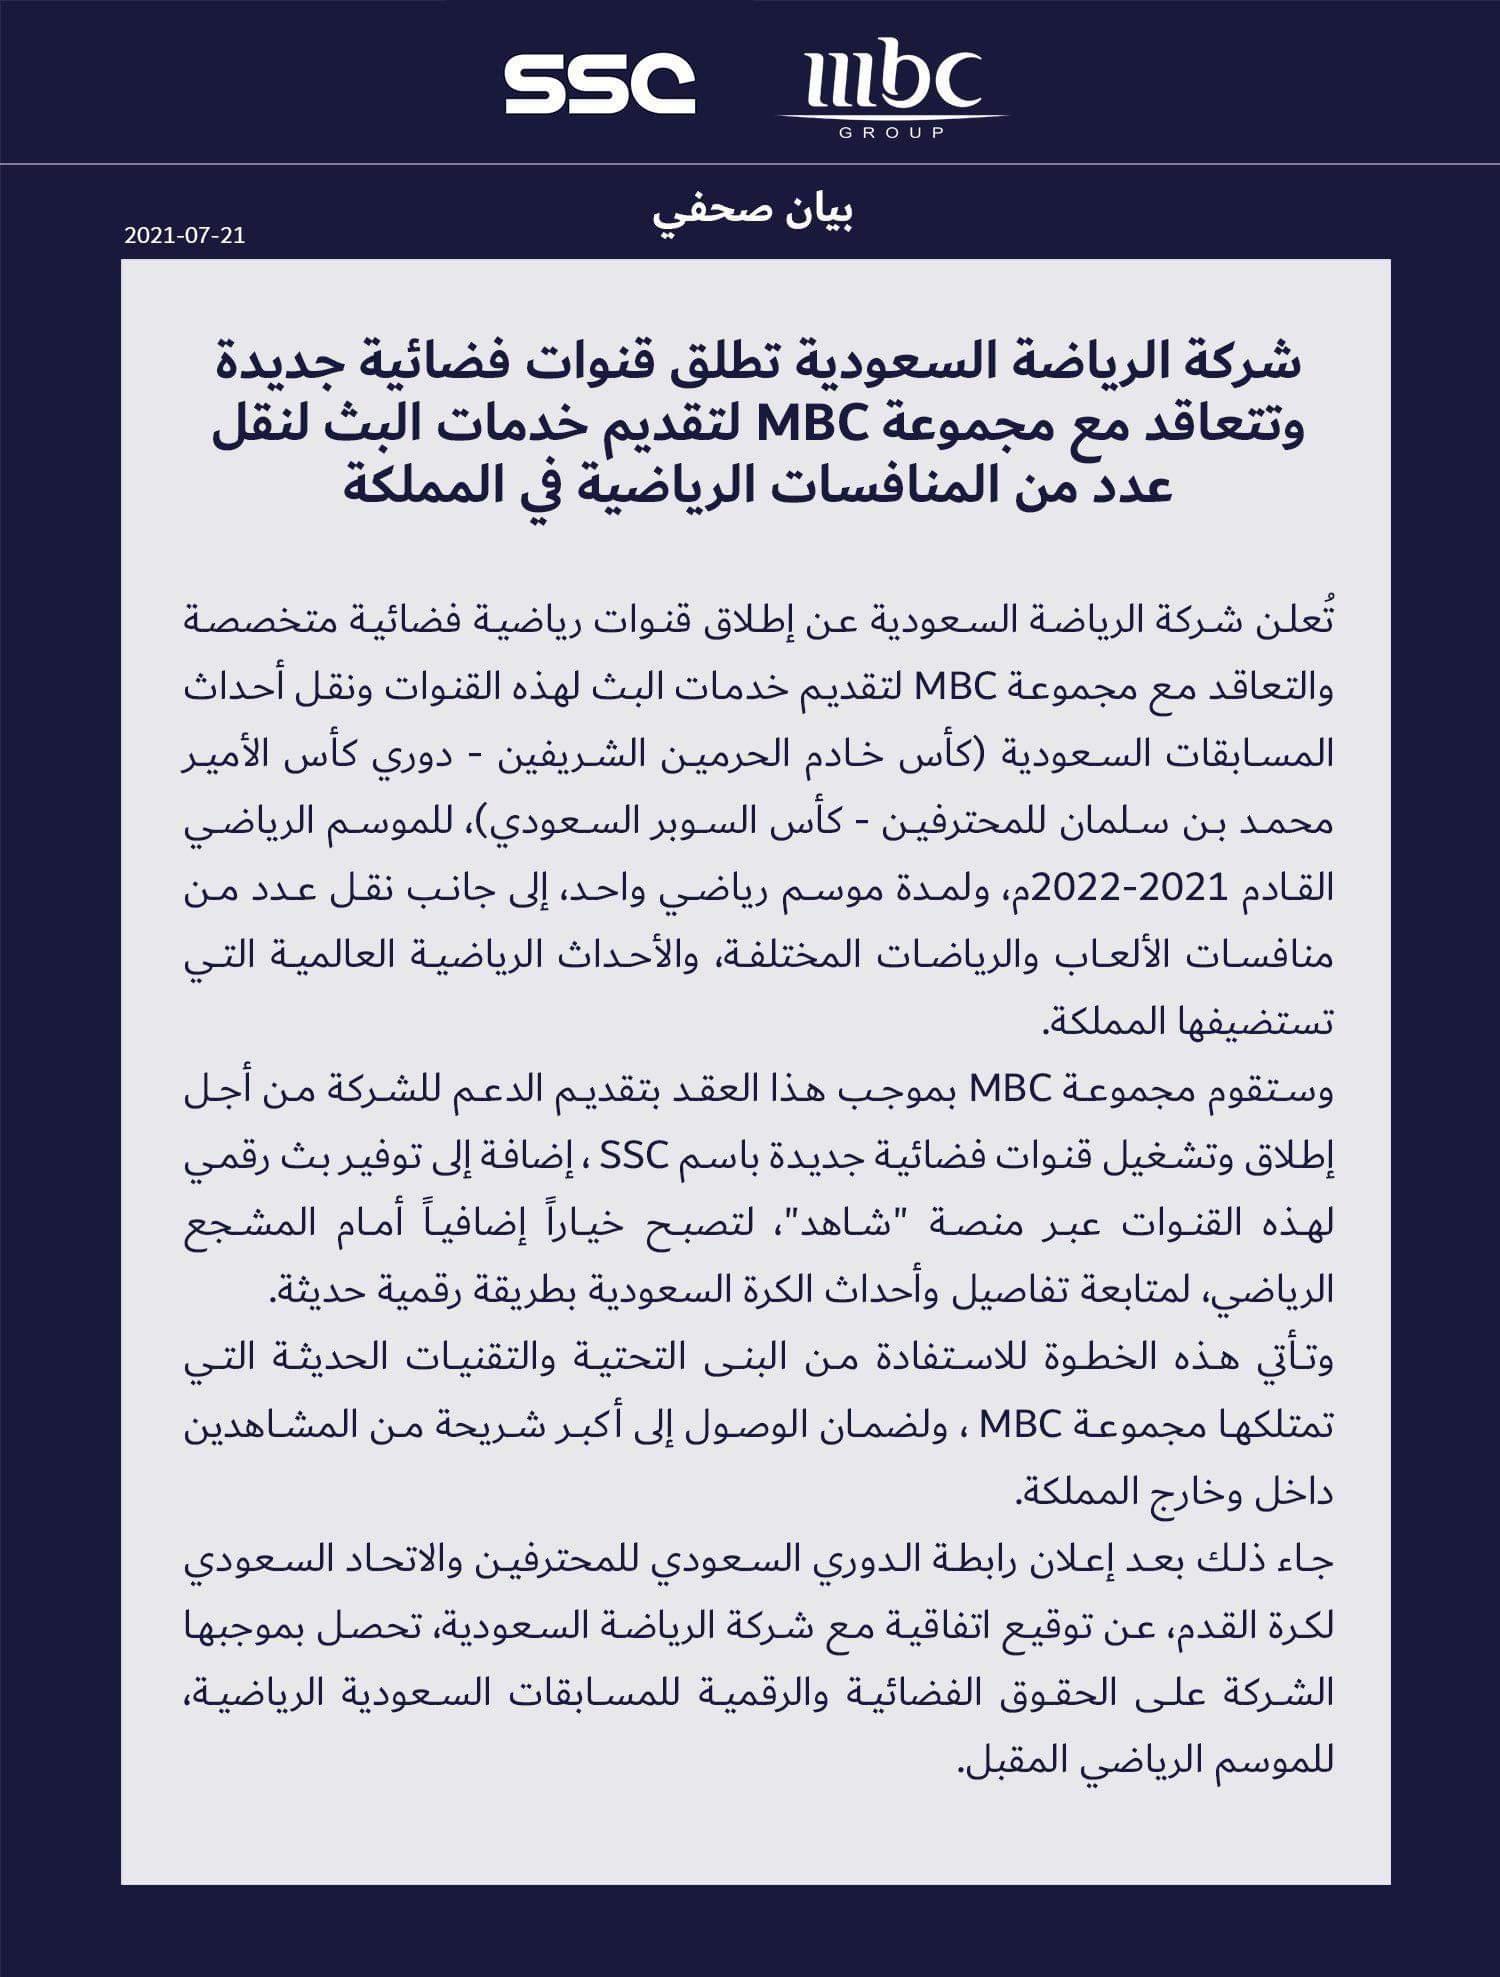 بيان الرياضية السعودية